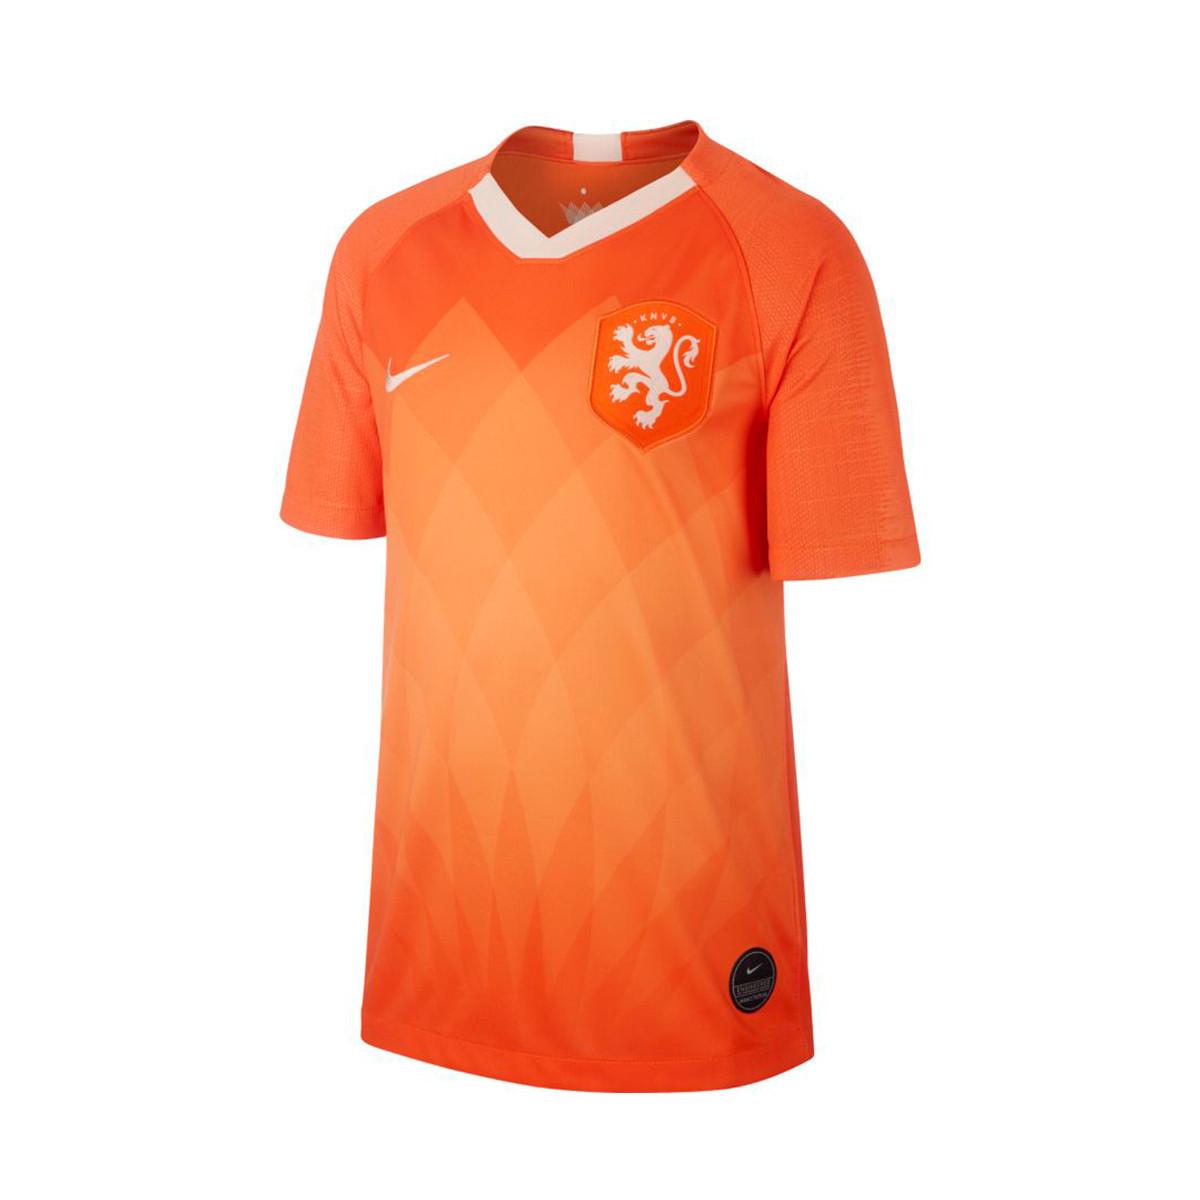 Niños Mareo globo  Camiseta Nike Selección Holanda Breathe Stadium SS Primera Equipación 2018-2019  Niño Safety orange-Orange quartz - Tienda de fútbol Fútbol Emotion